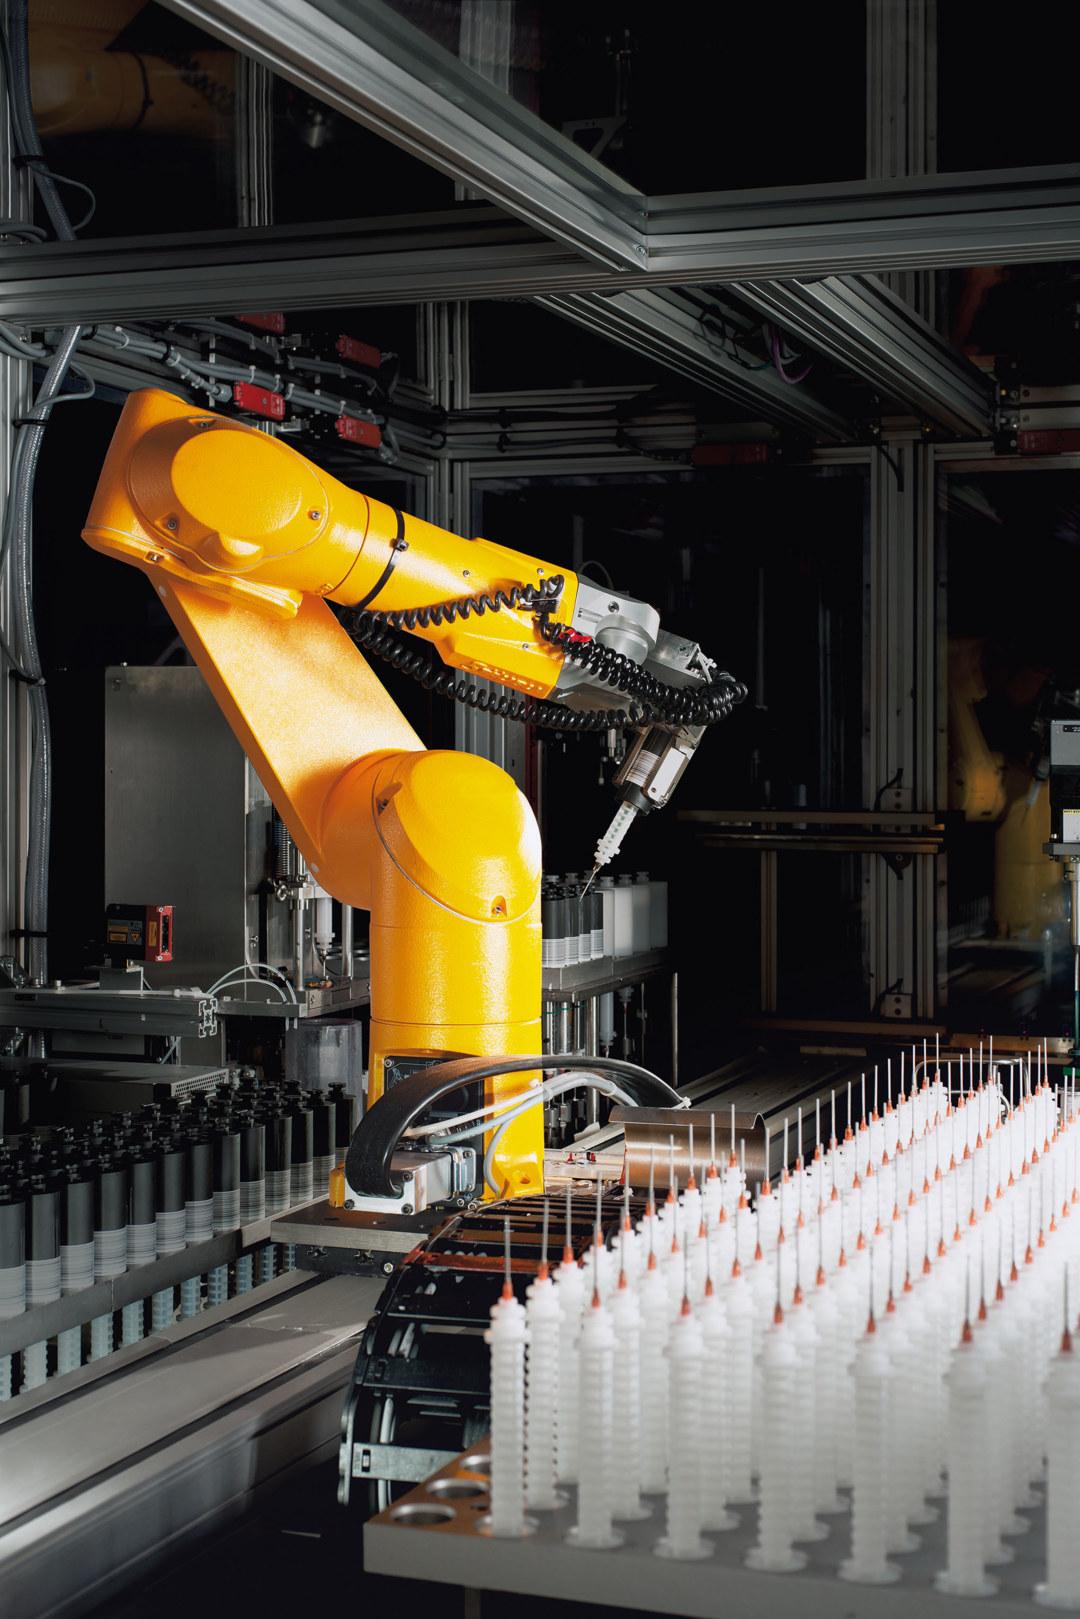 Hochdurchsatztechnik mit dem Laborroboter bei der Entwicklung von Flüssiglacken